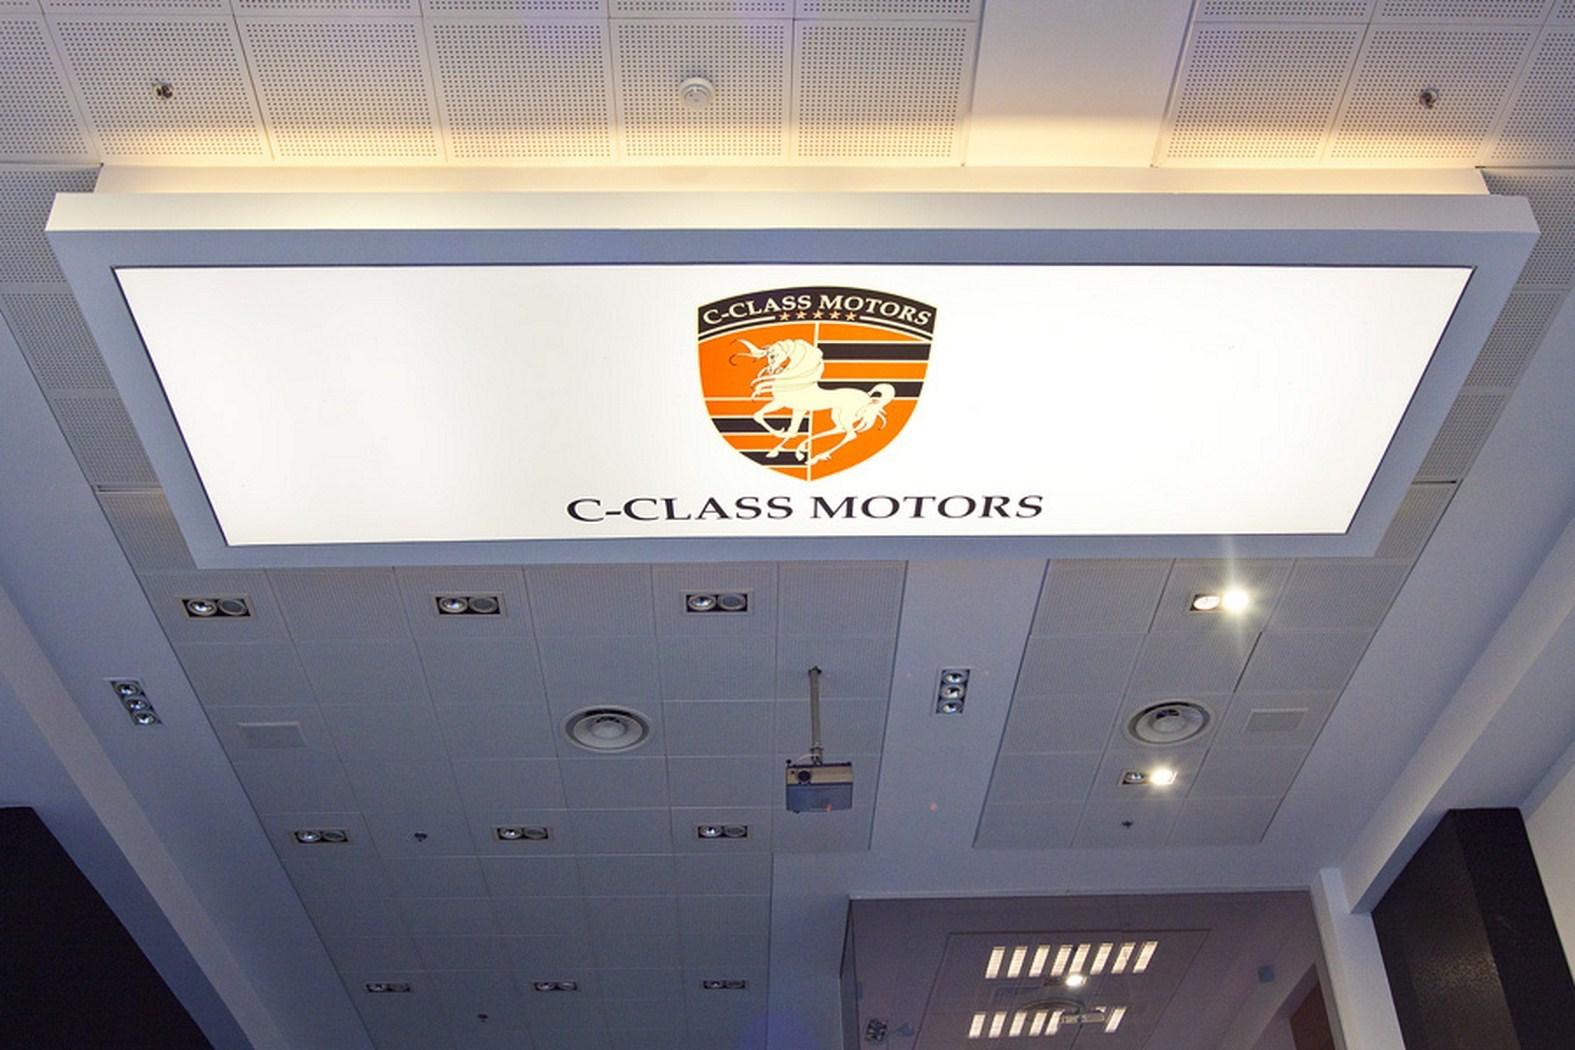 סוכנות רכב סי קלאס מוטורס באשדוד